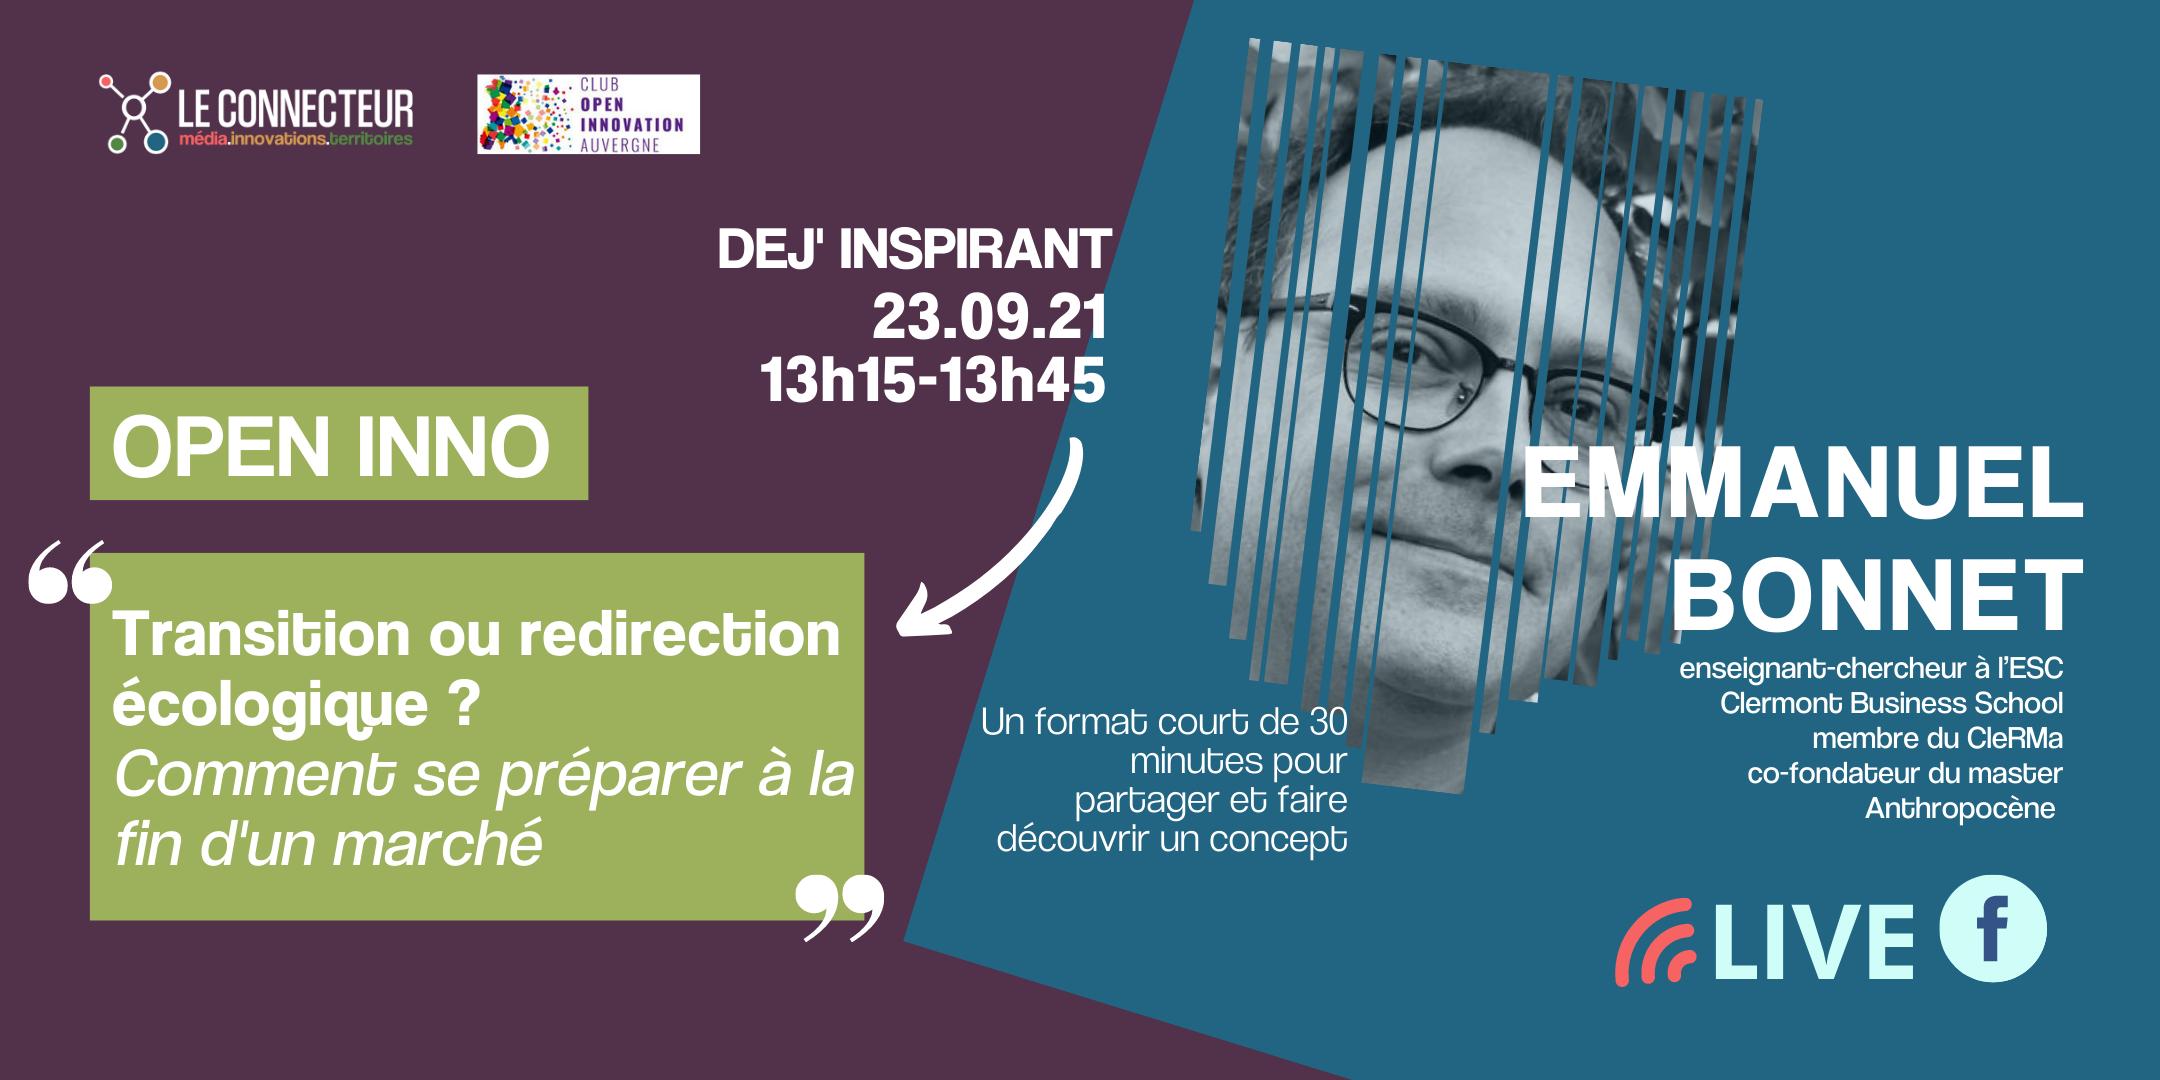 Dej' Open Inno - Emmanuel Bonnet - La redirection écologique @ Turing 22 | Clermont-Ferrand | Auvergne-Rhône-Alpes | France